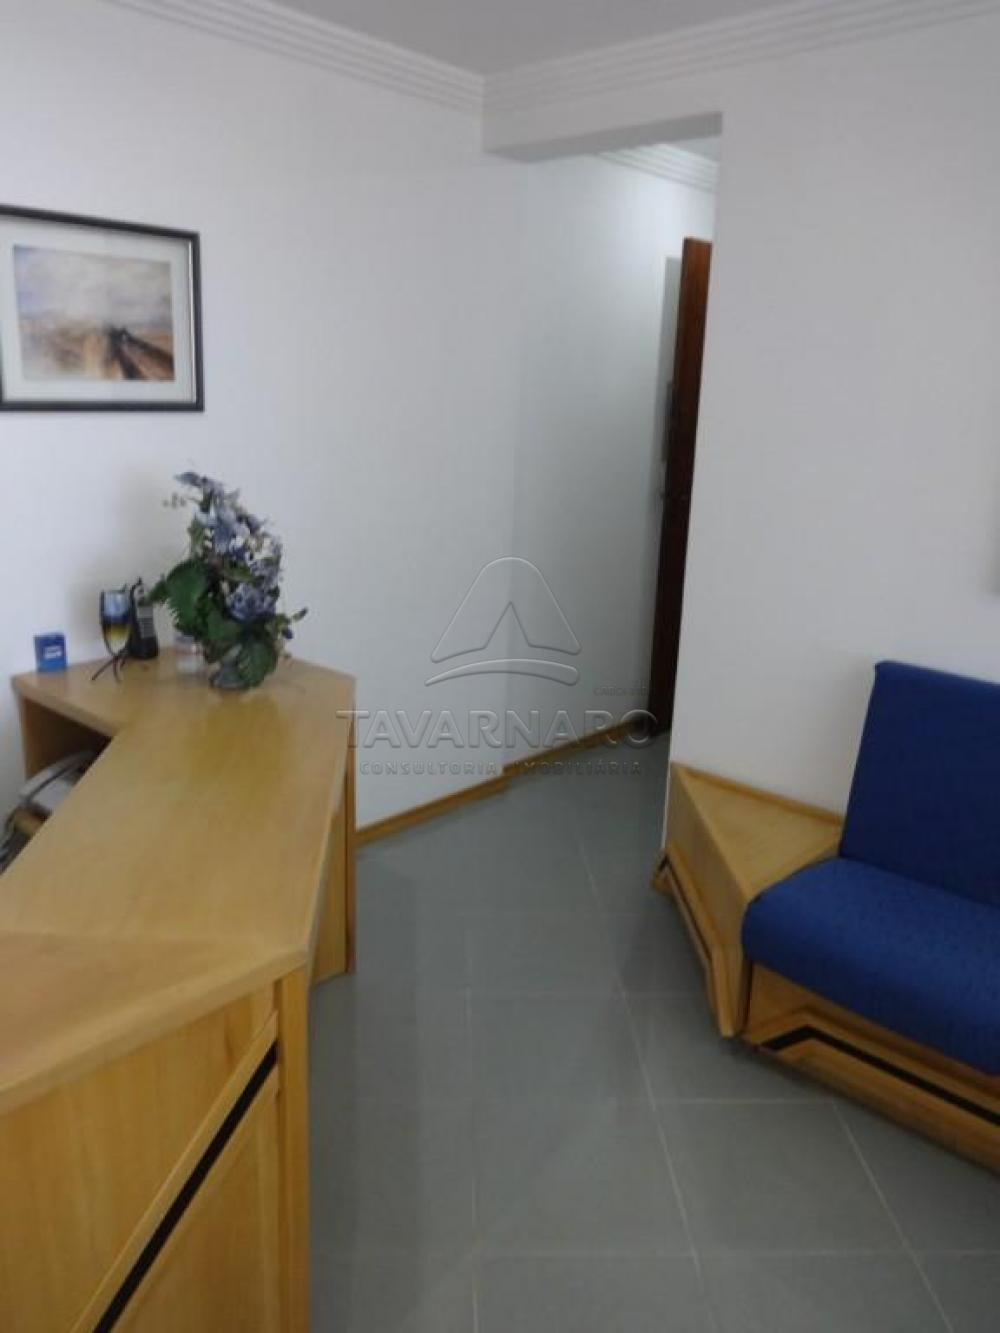 Alugar Comercial / Conjunto em Ponta Grossa apenas R$ 2.549,76 - Foto 3